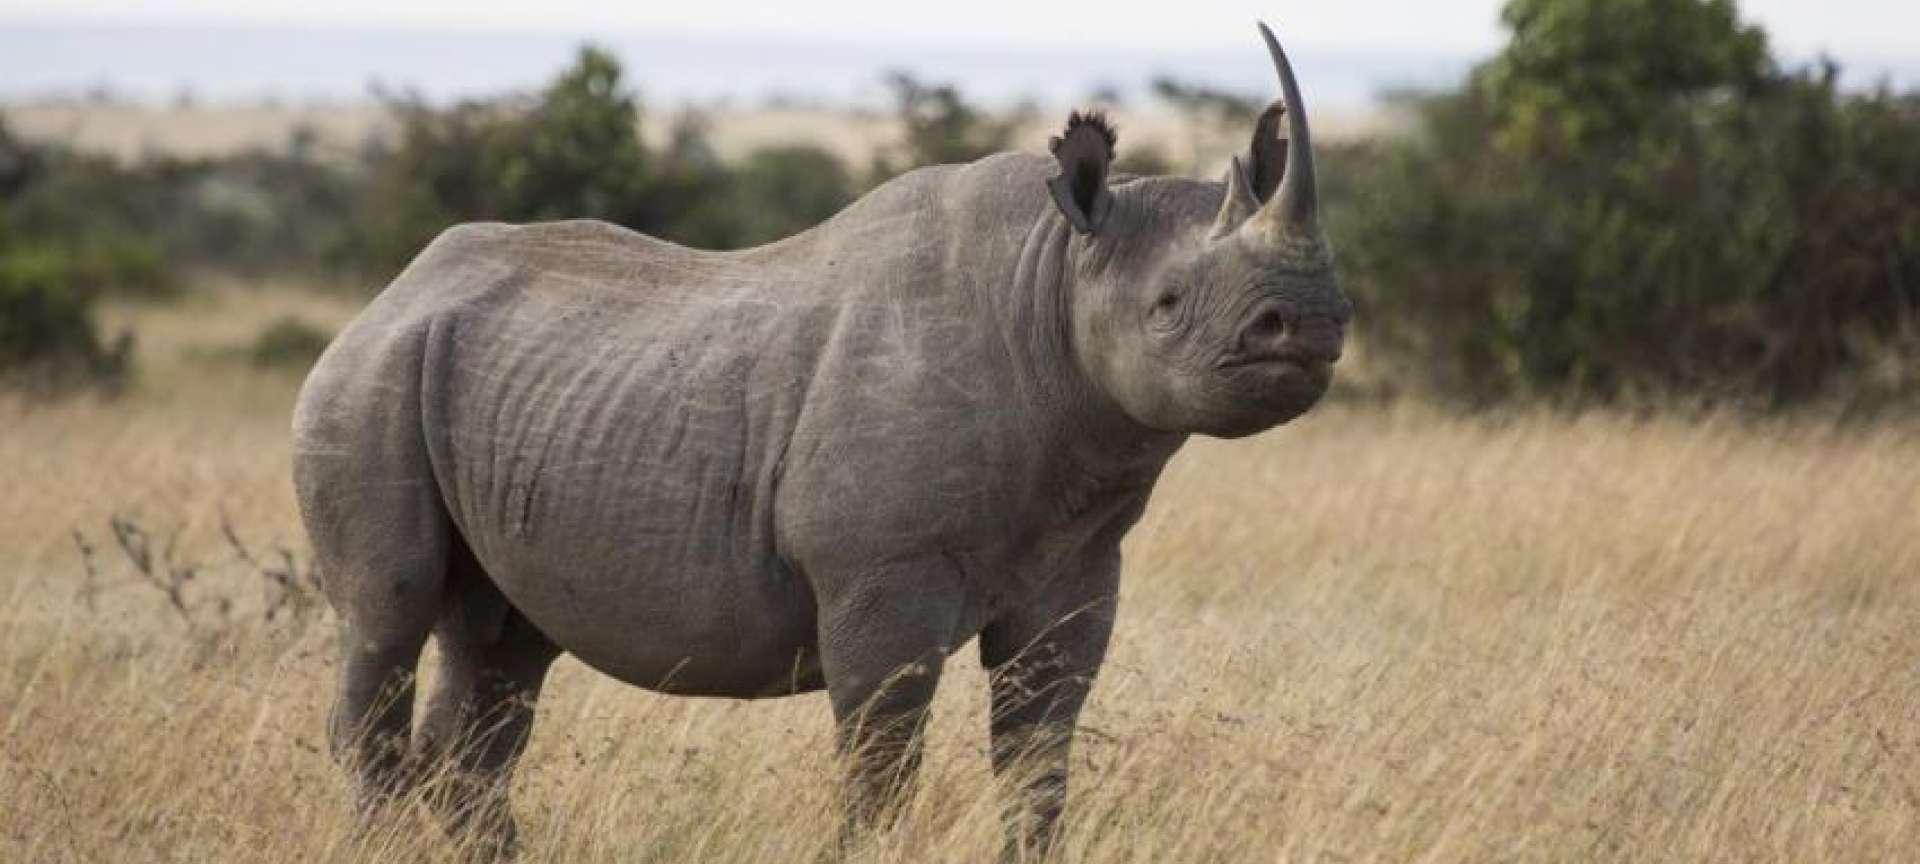 Rhino_Kenya_Wildlife